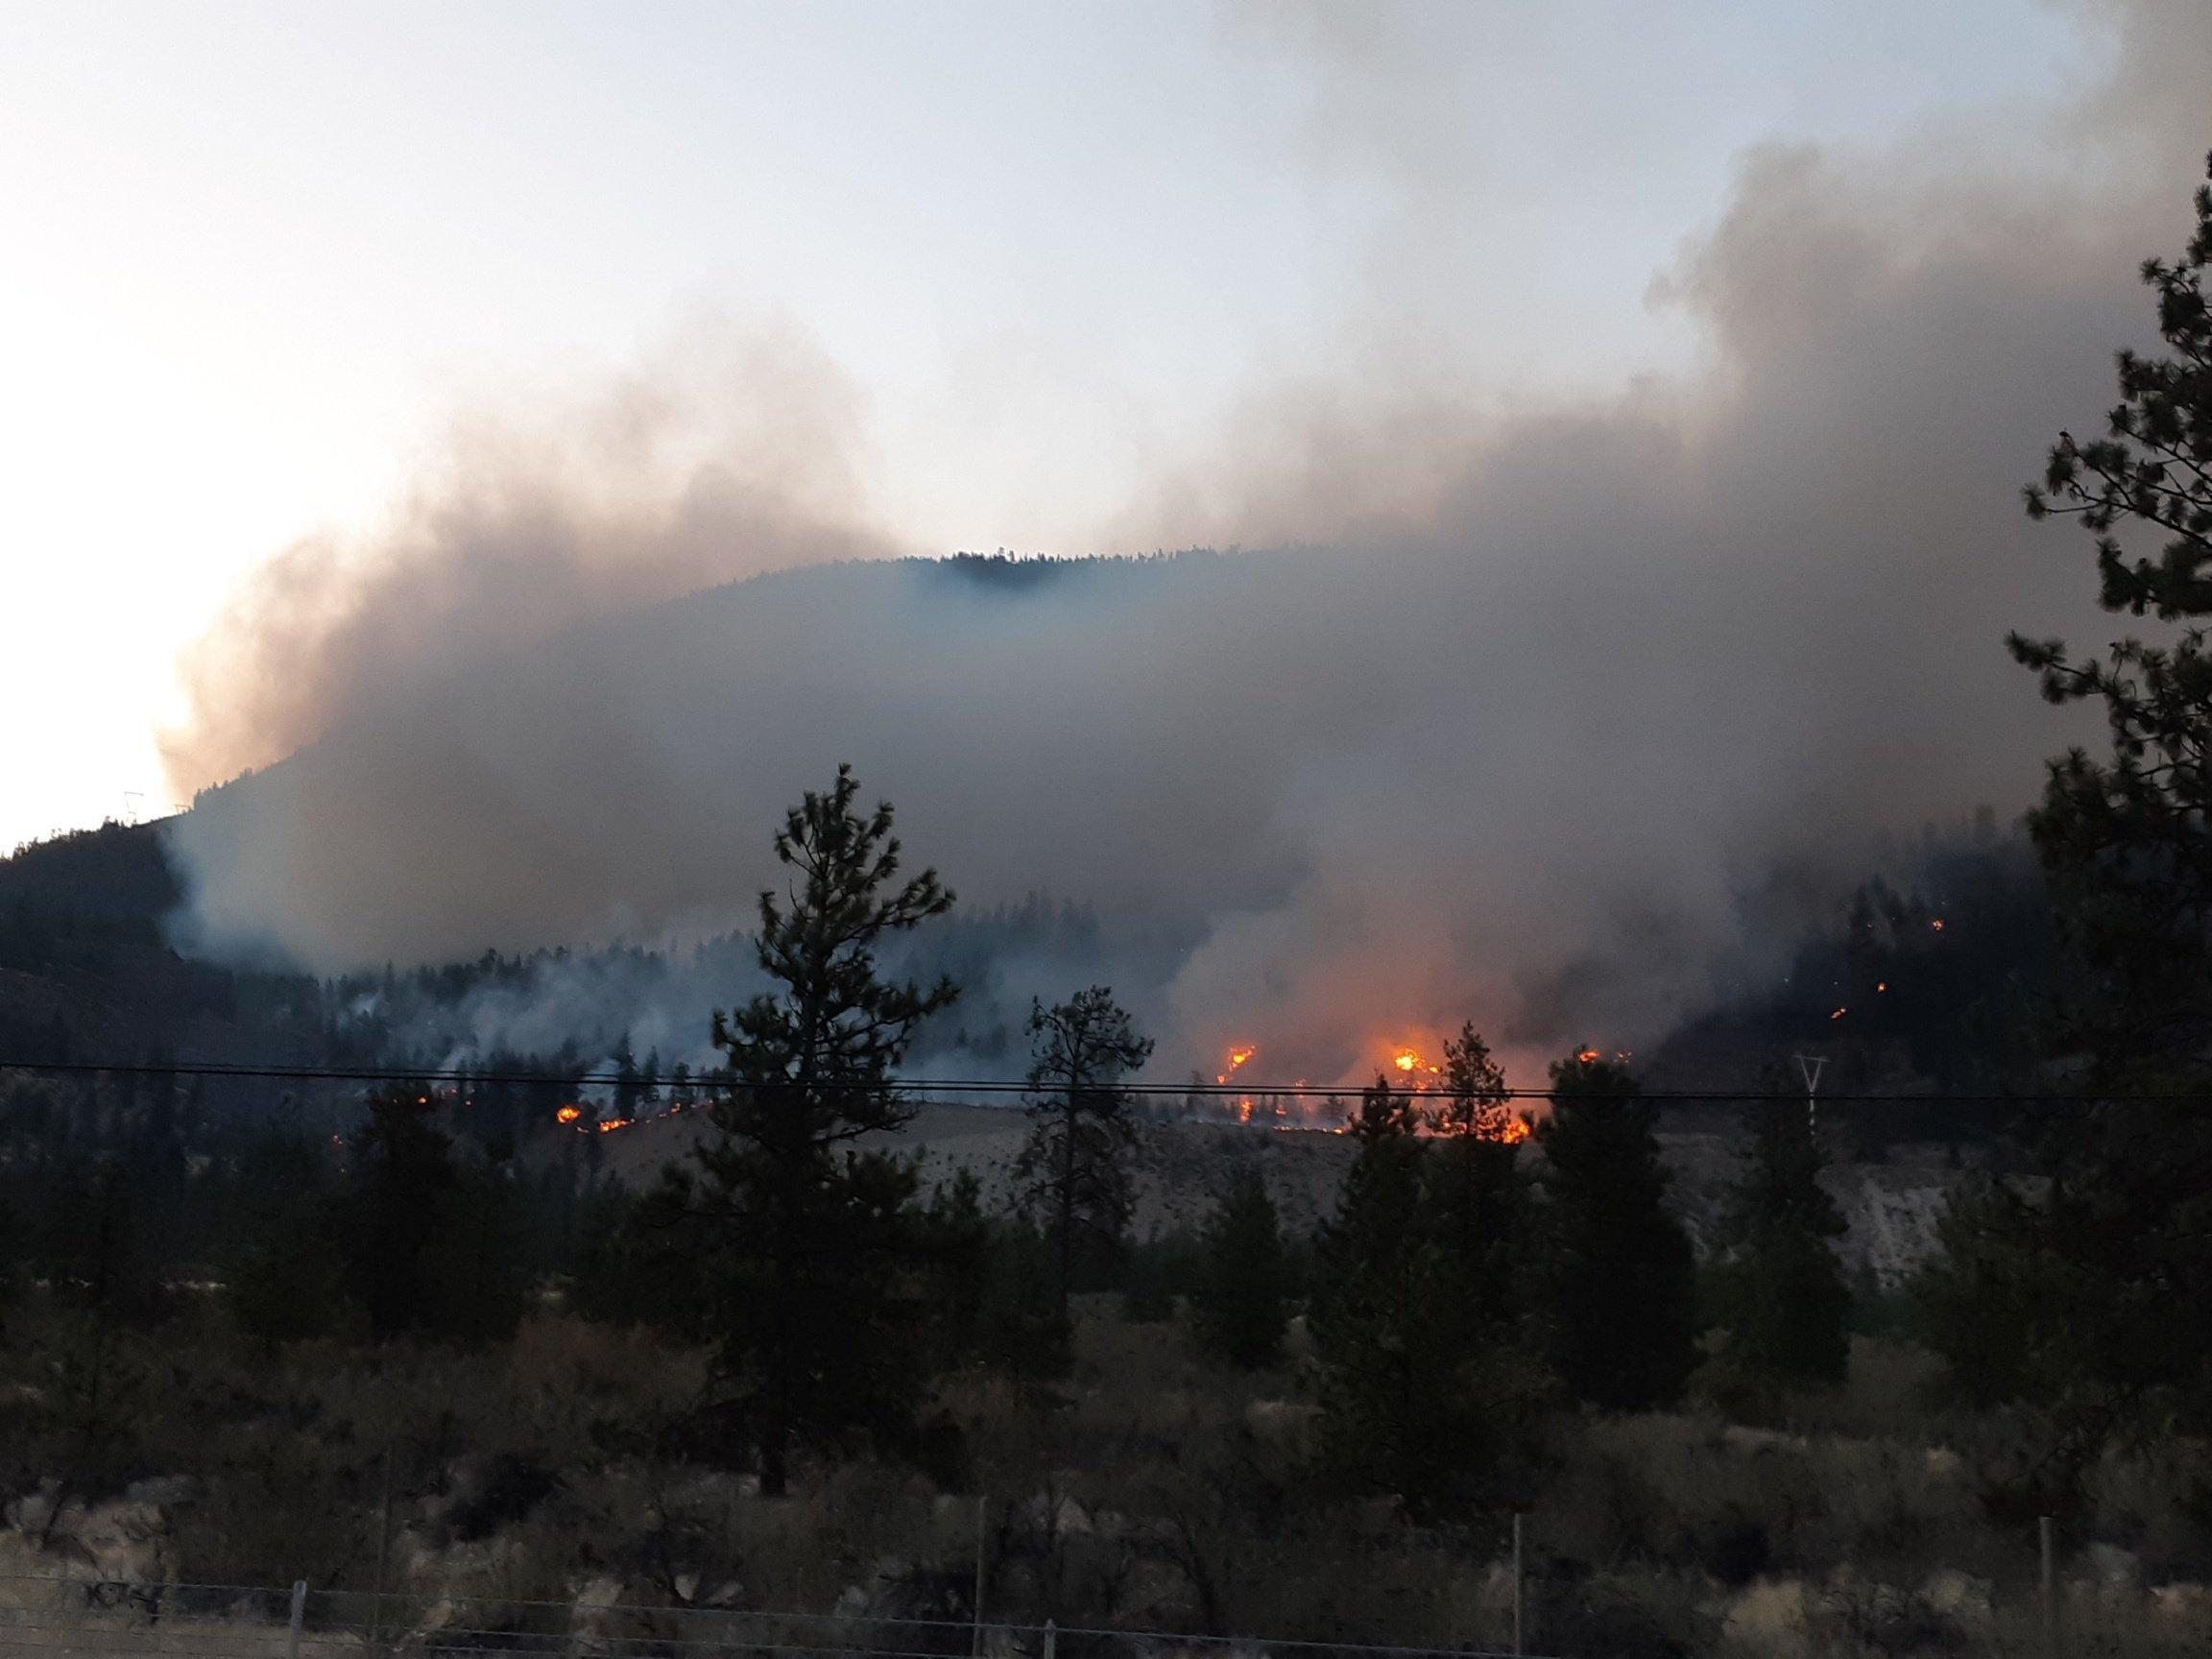 South Okanagan community preparing to evacuate as wildfire grows